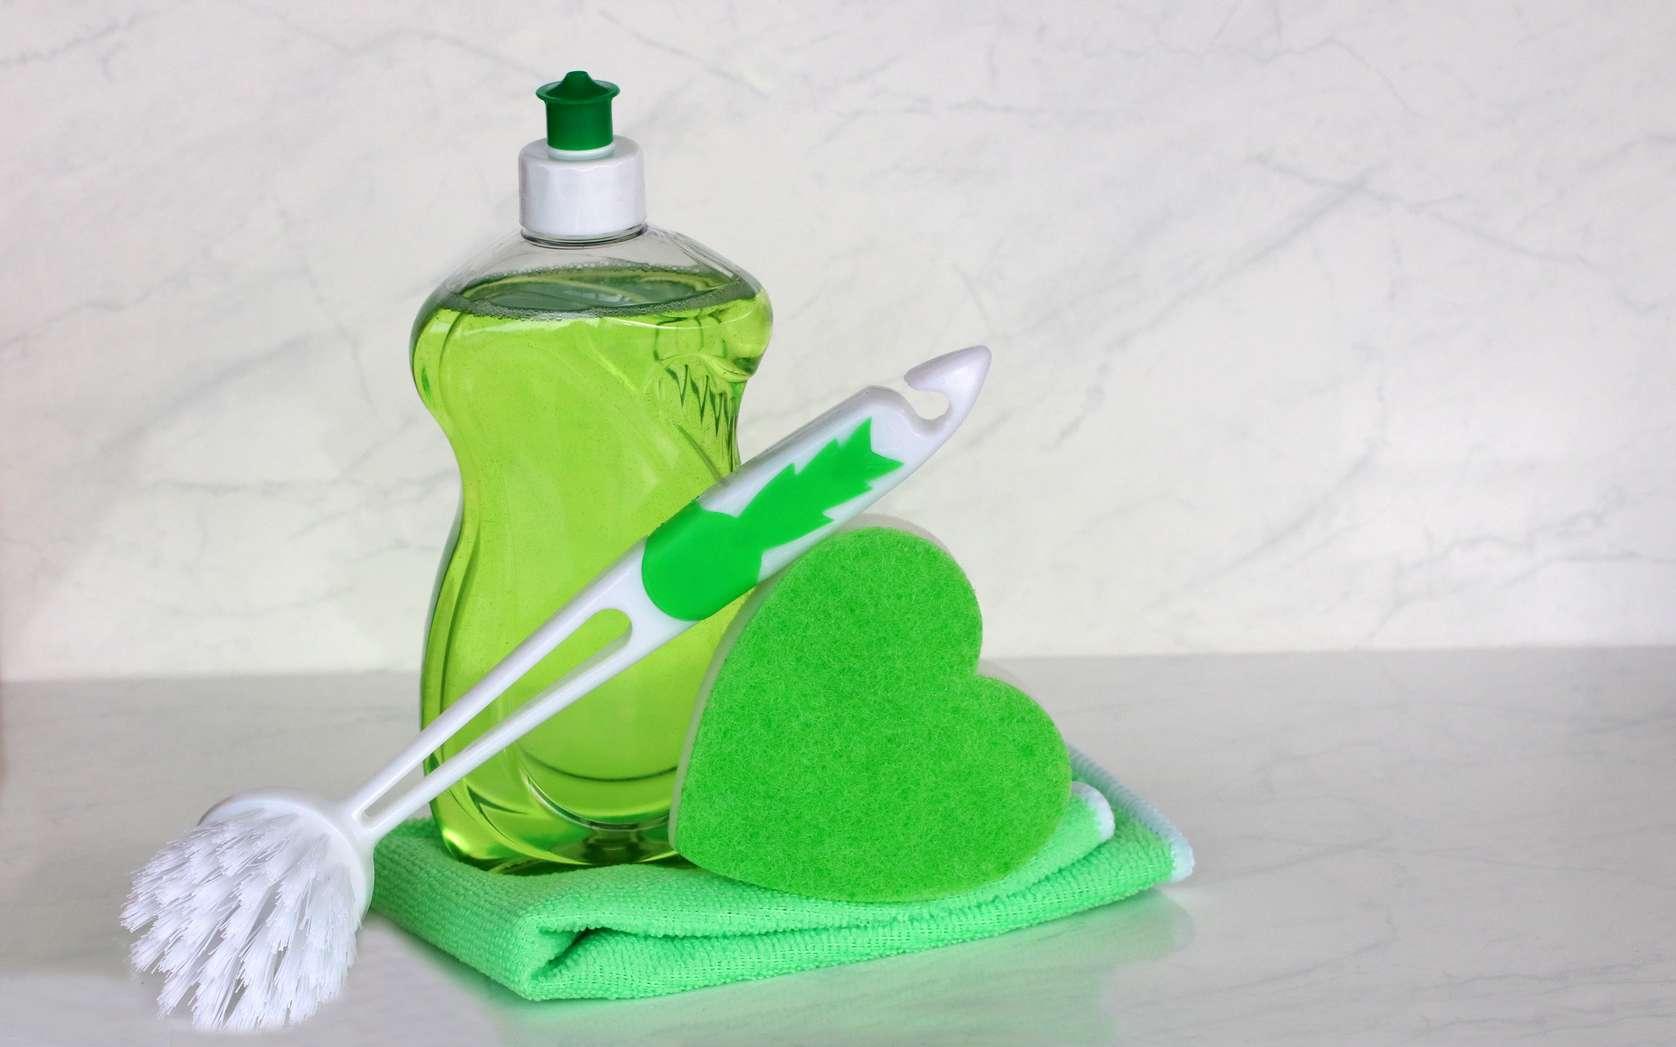 Faire un produit vaisselle maison peut être à la fois écologique et économique. © racamani, Fotolia